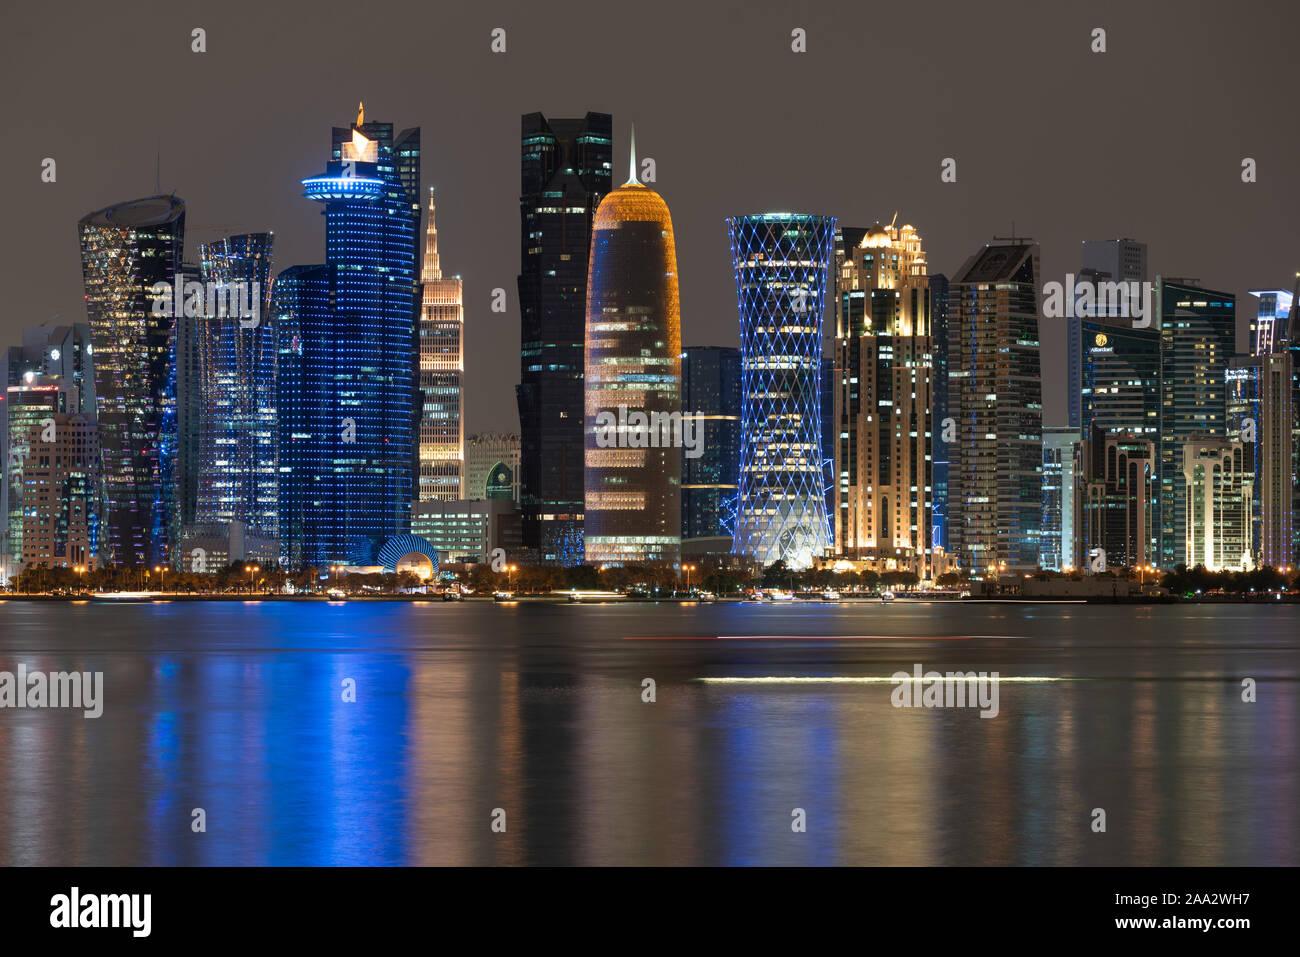 Mia Park Doha Banque d'image et photos   Alamy